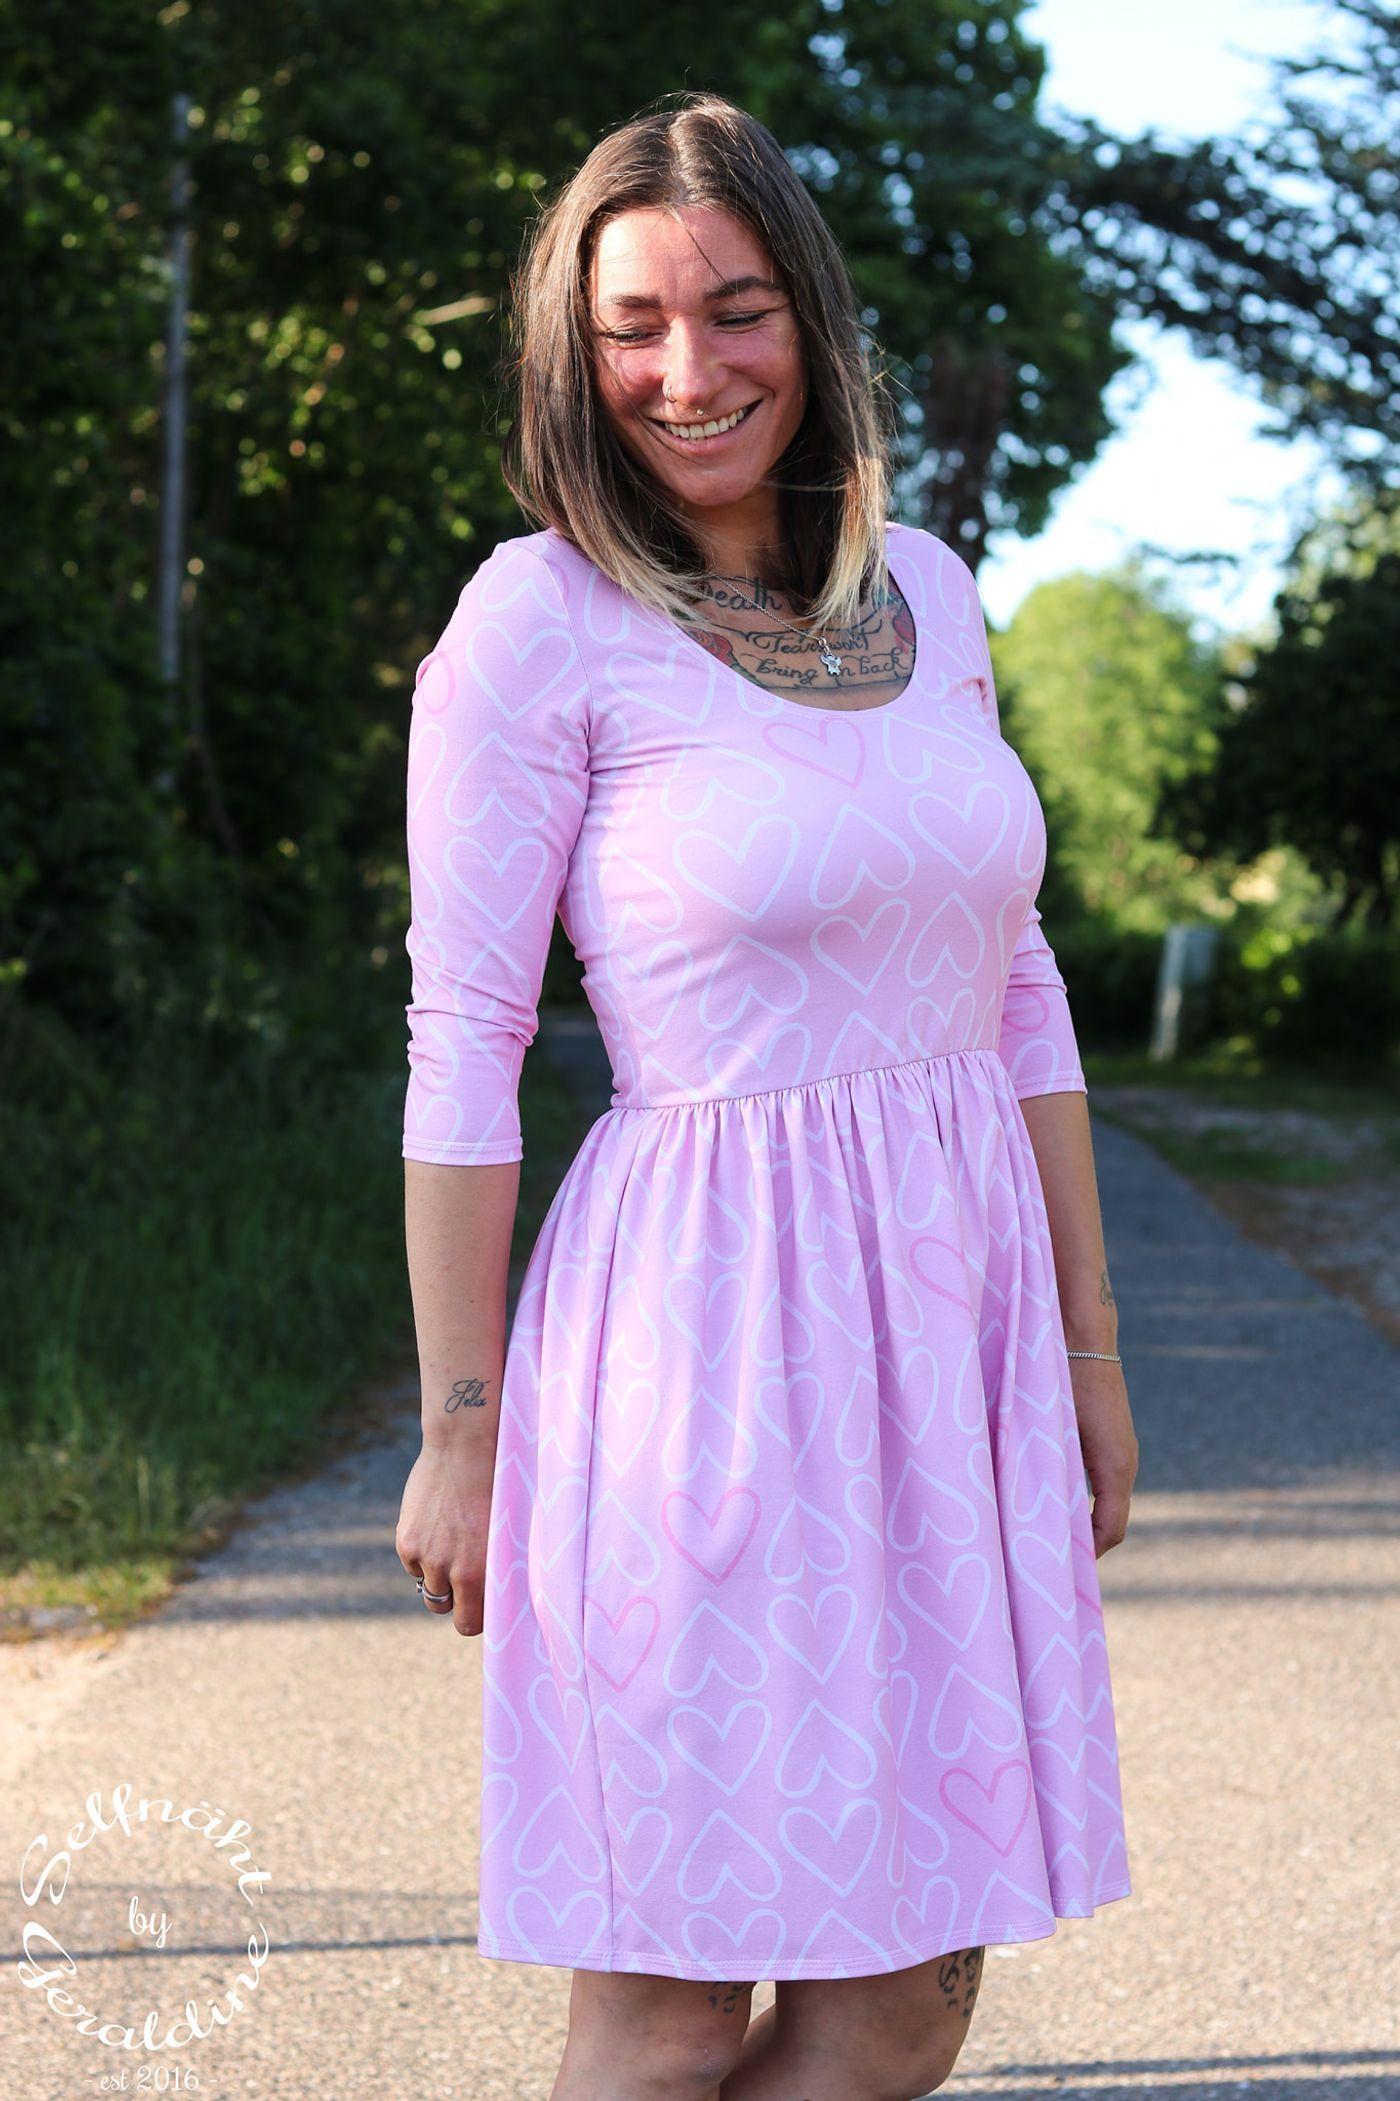 Schnittmuster Nahanleitung Kleid Grosse Amelie Herbst Winter Variante Von Emmilou Kleider Damen Damenkleider Hochgeschlossenes Kleid